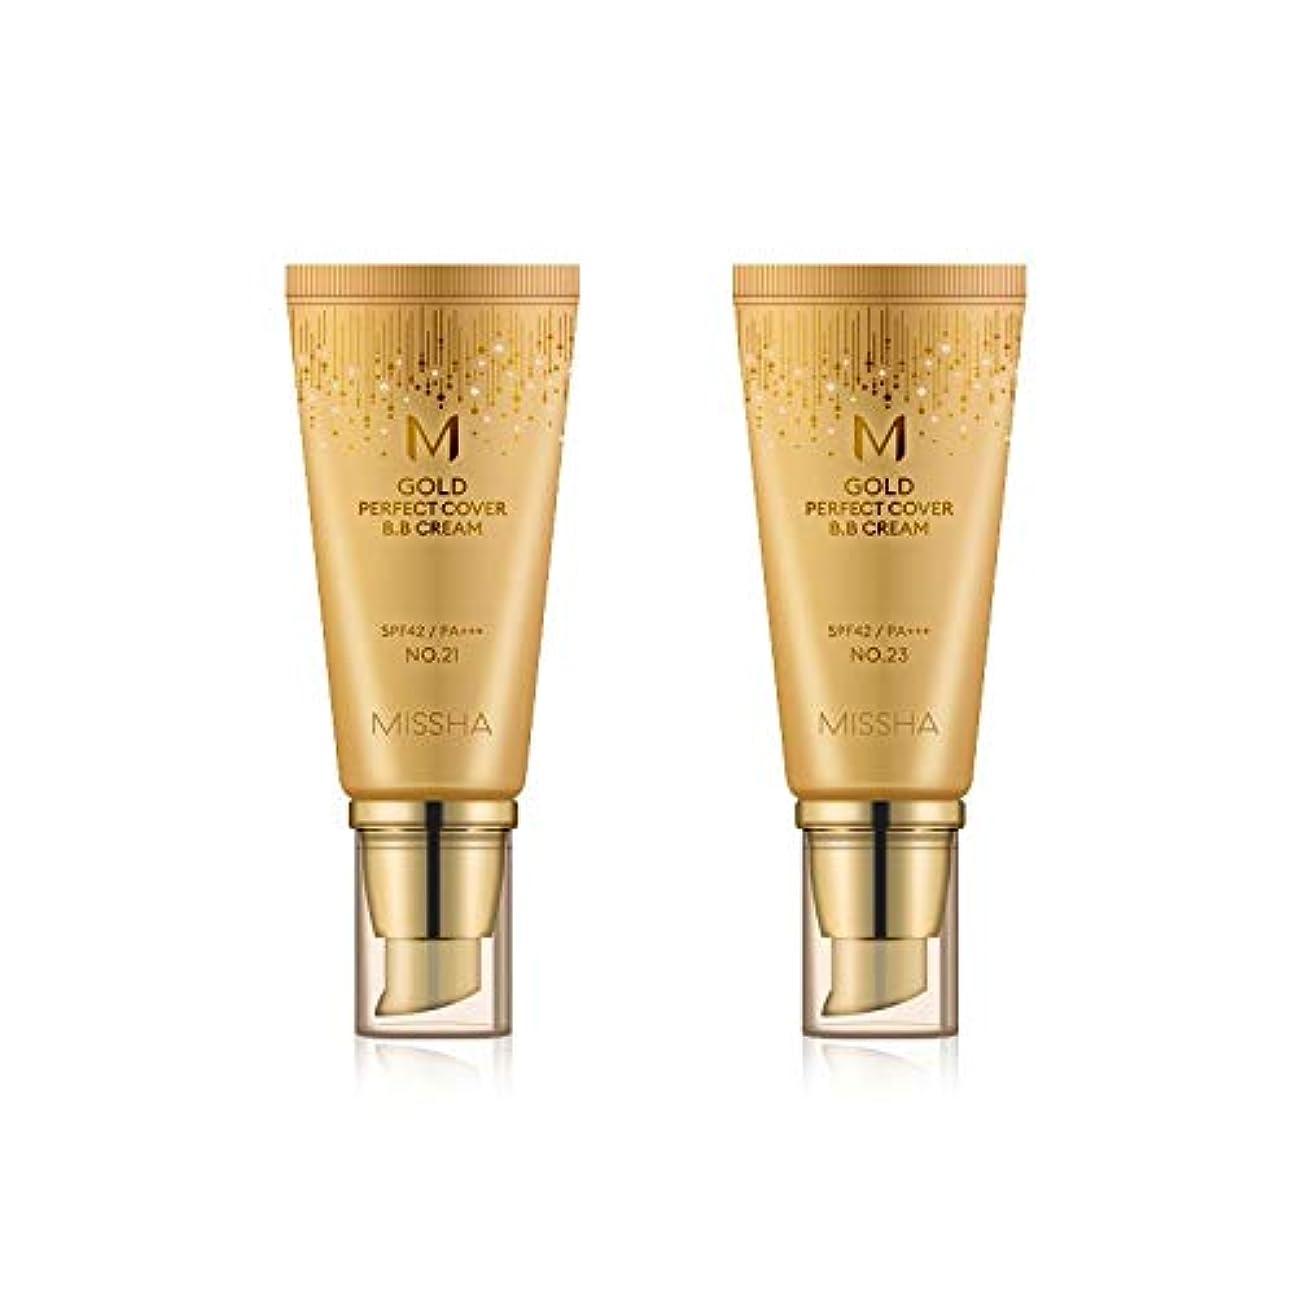 心臓うるさいできればMISSHA Gold Perfecte Cover BB Cream SPF42 PA+++ / ミシャ ゴールド パーフェクト カバー BBクリーム 50ml *NO.23 [並行輸入品]